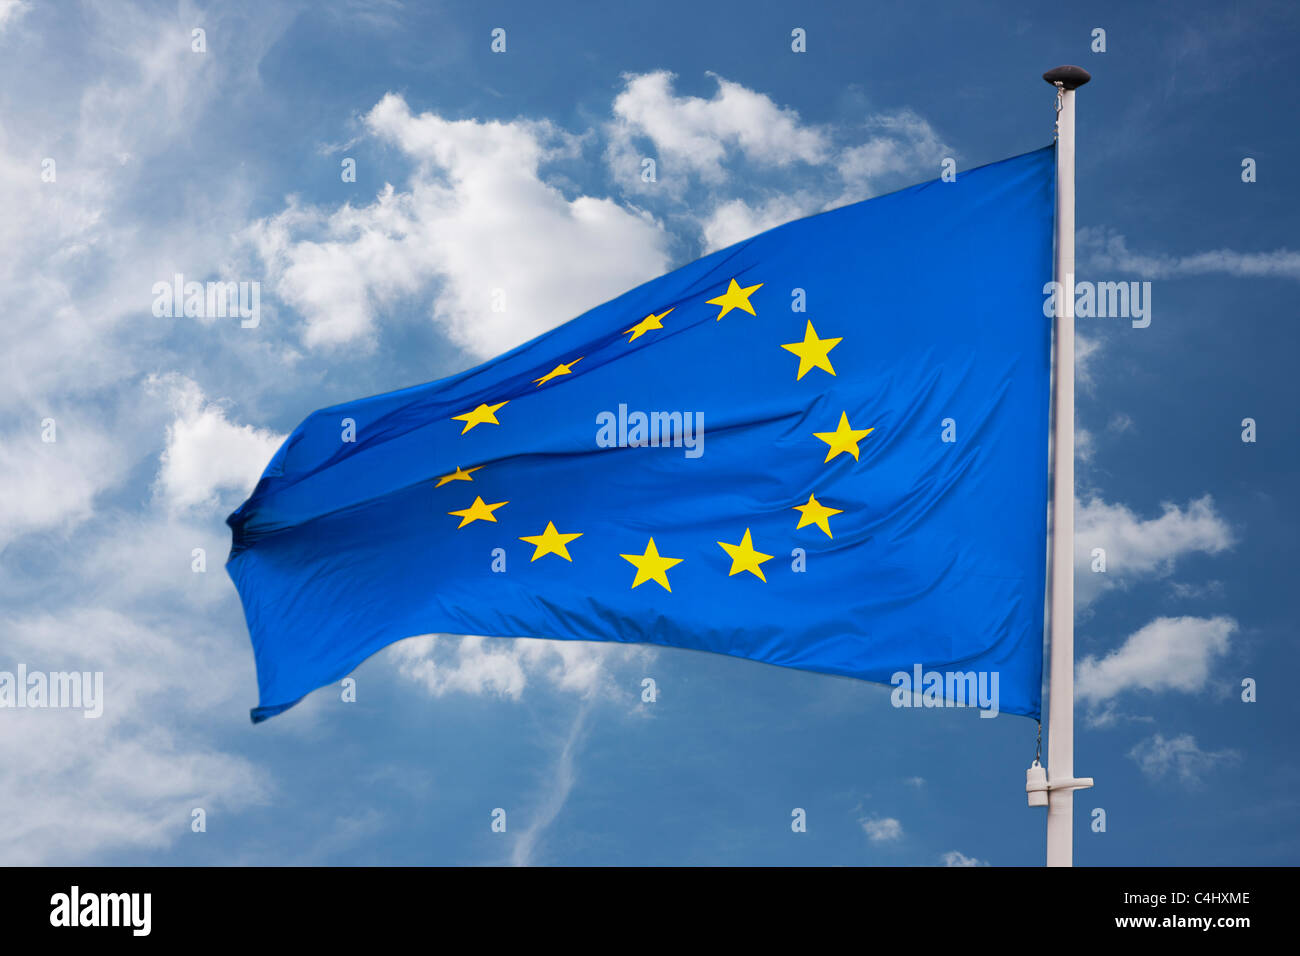 Detailansicht einer Flagge der Europäischen Union | Detail photo of the Flag from the European Union - Stock Image